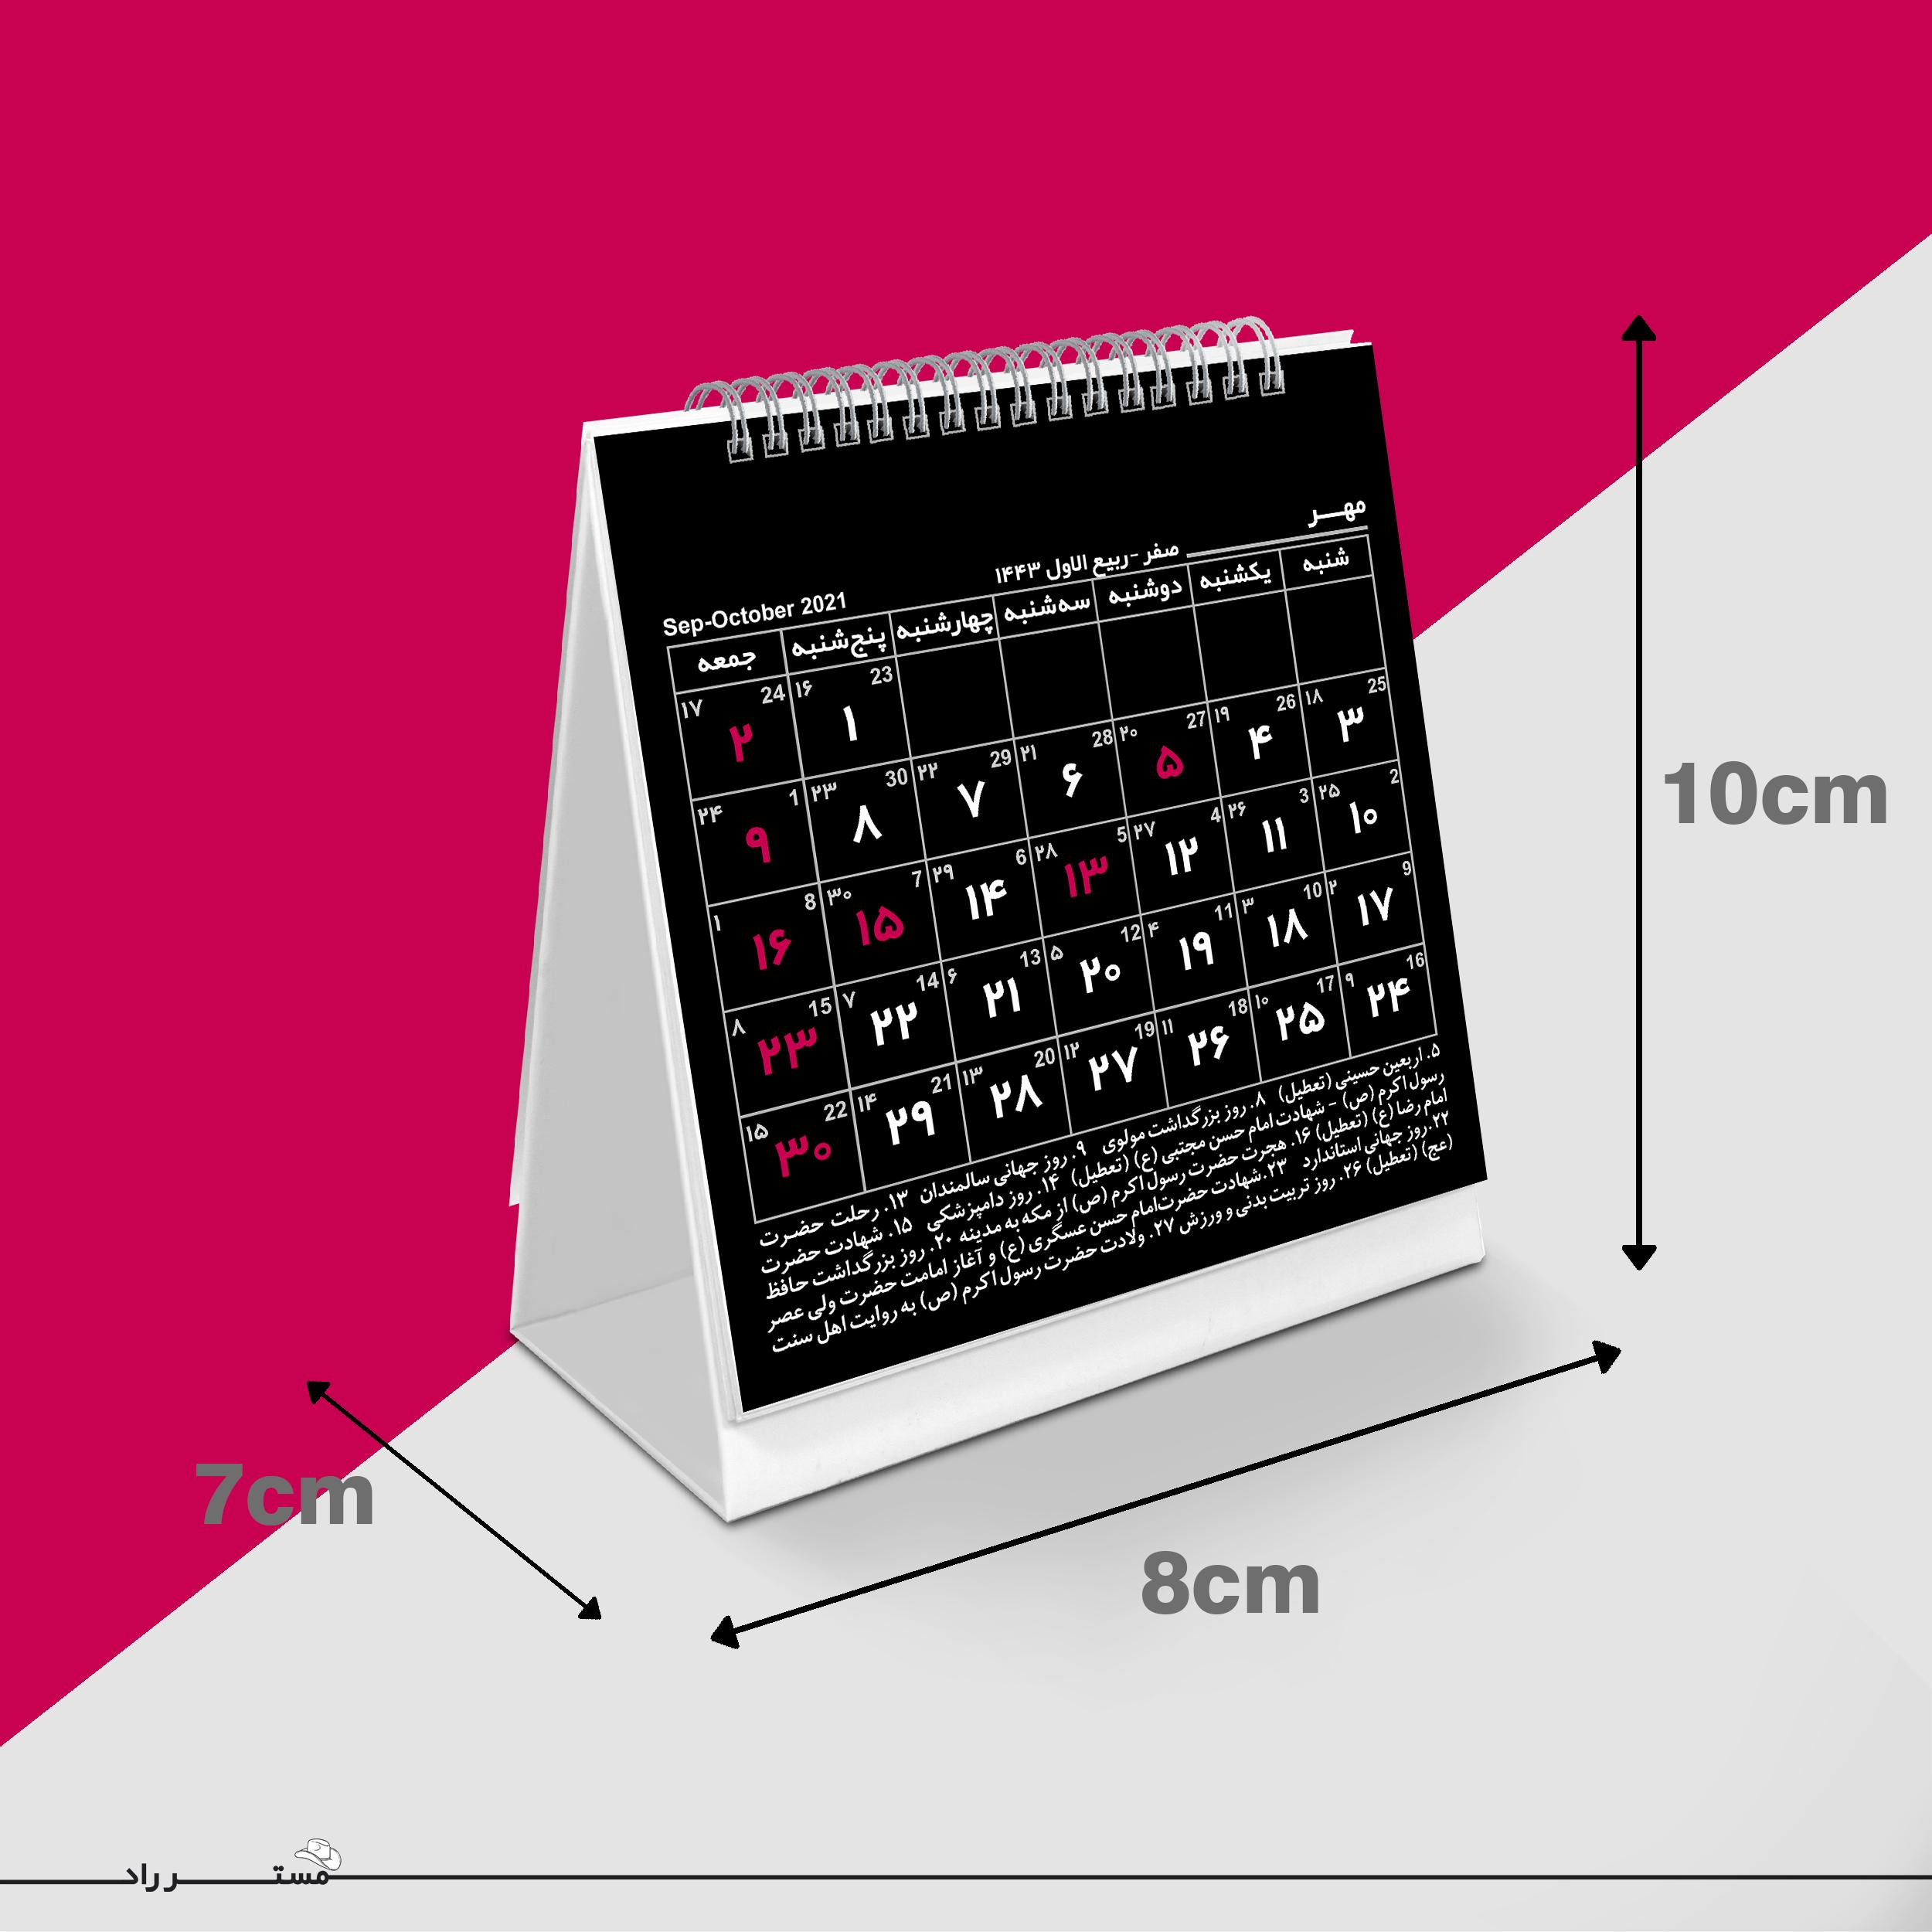 تقویم رومیزی مستر راد سال 1400 مدل endar 2021 کد s20